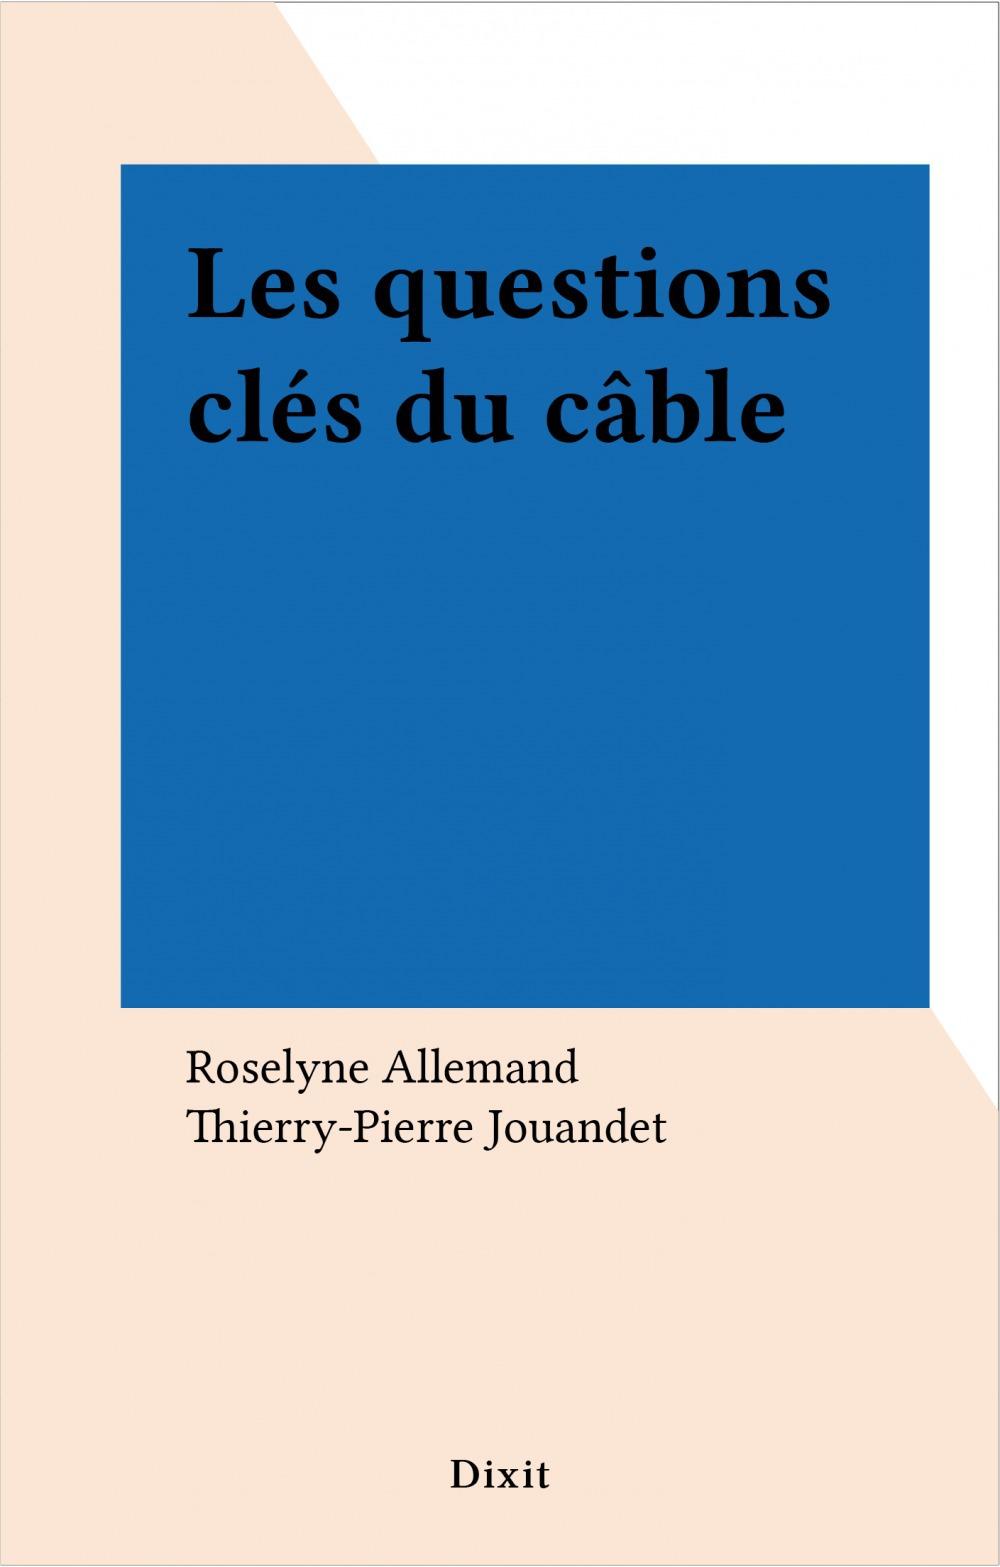 Les questions clés du câble